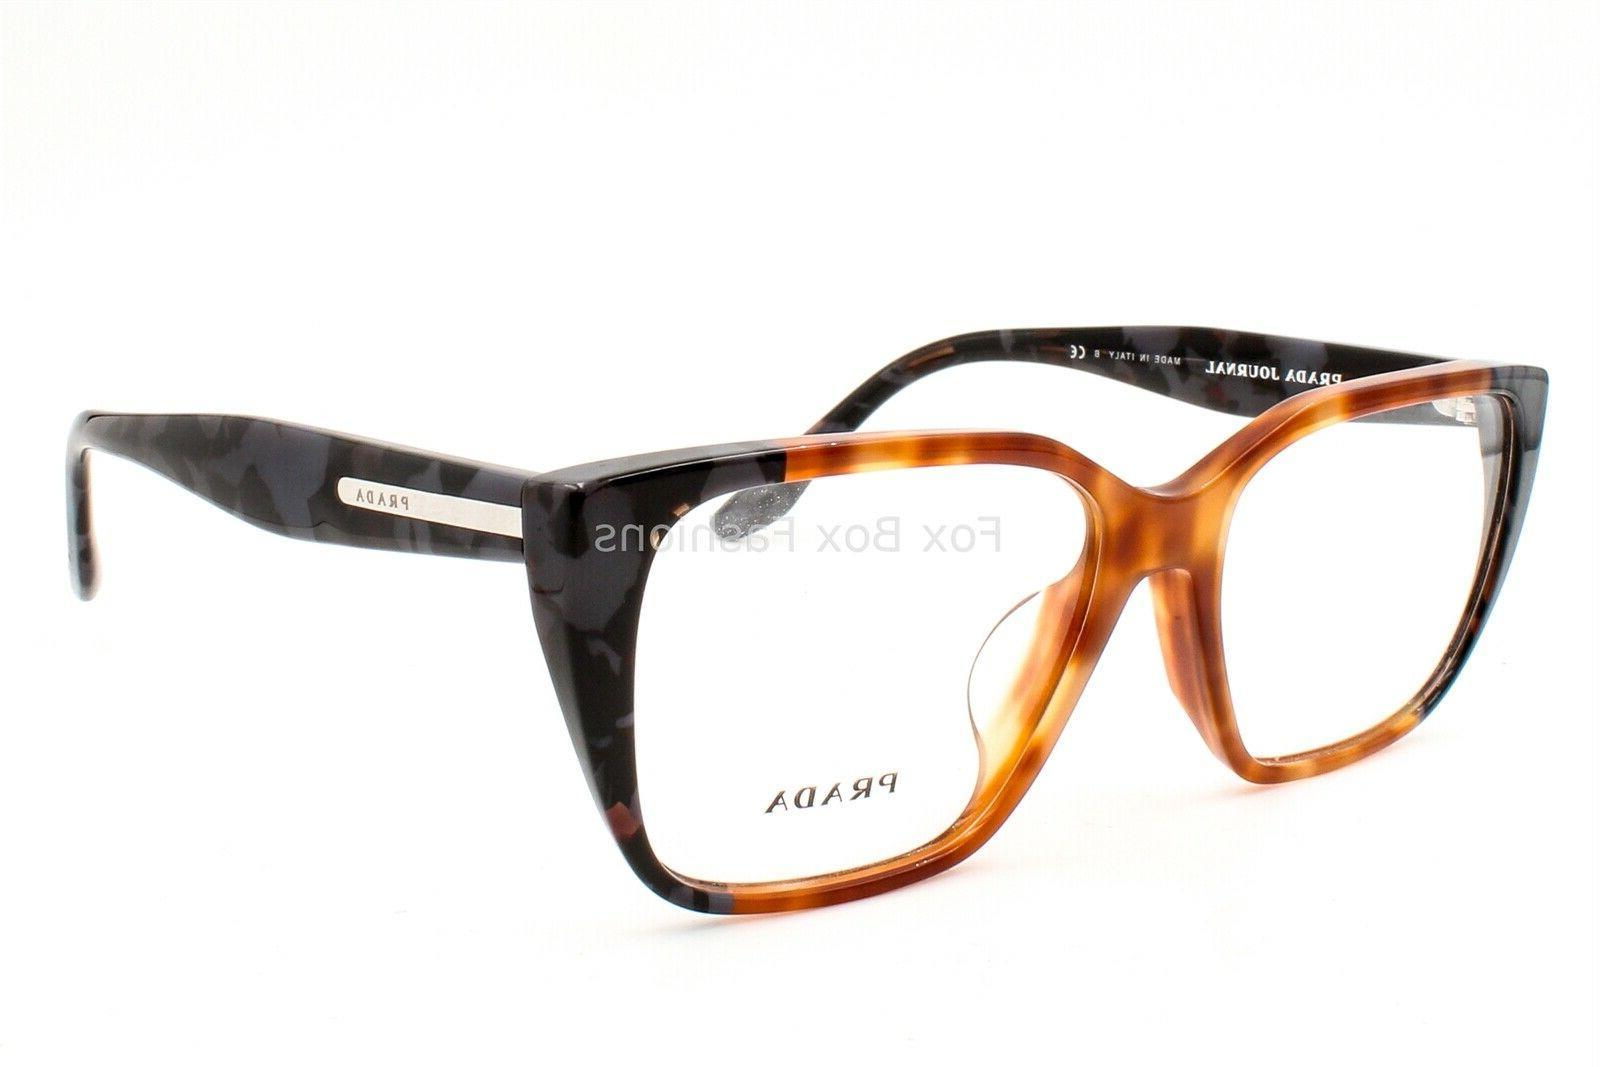 journal vpr 08tf u6l 1o1 eyeglasses tortoise